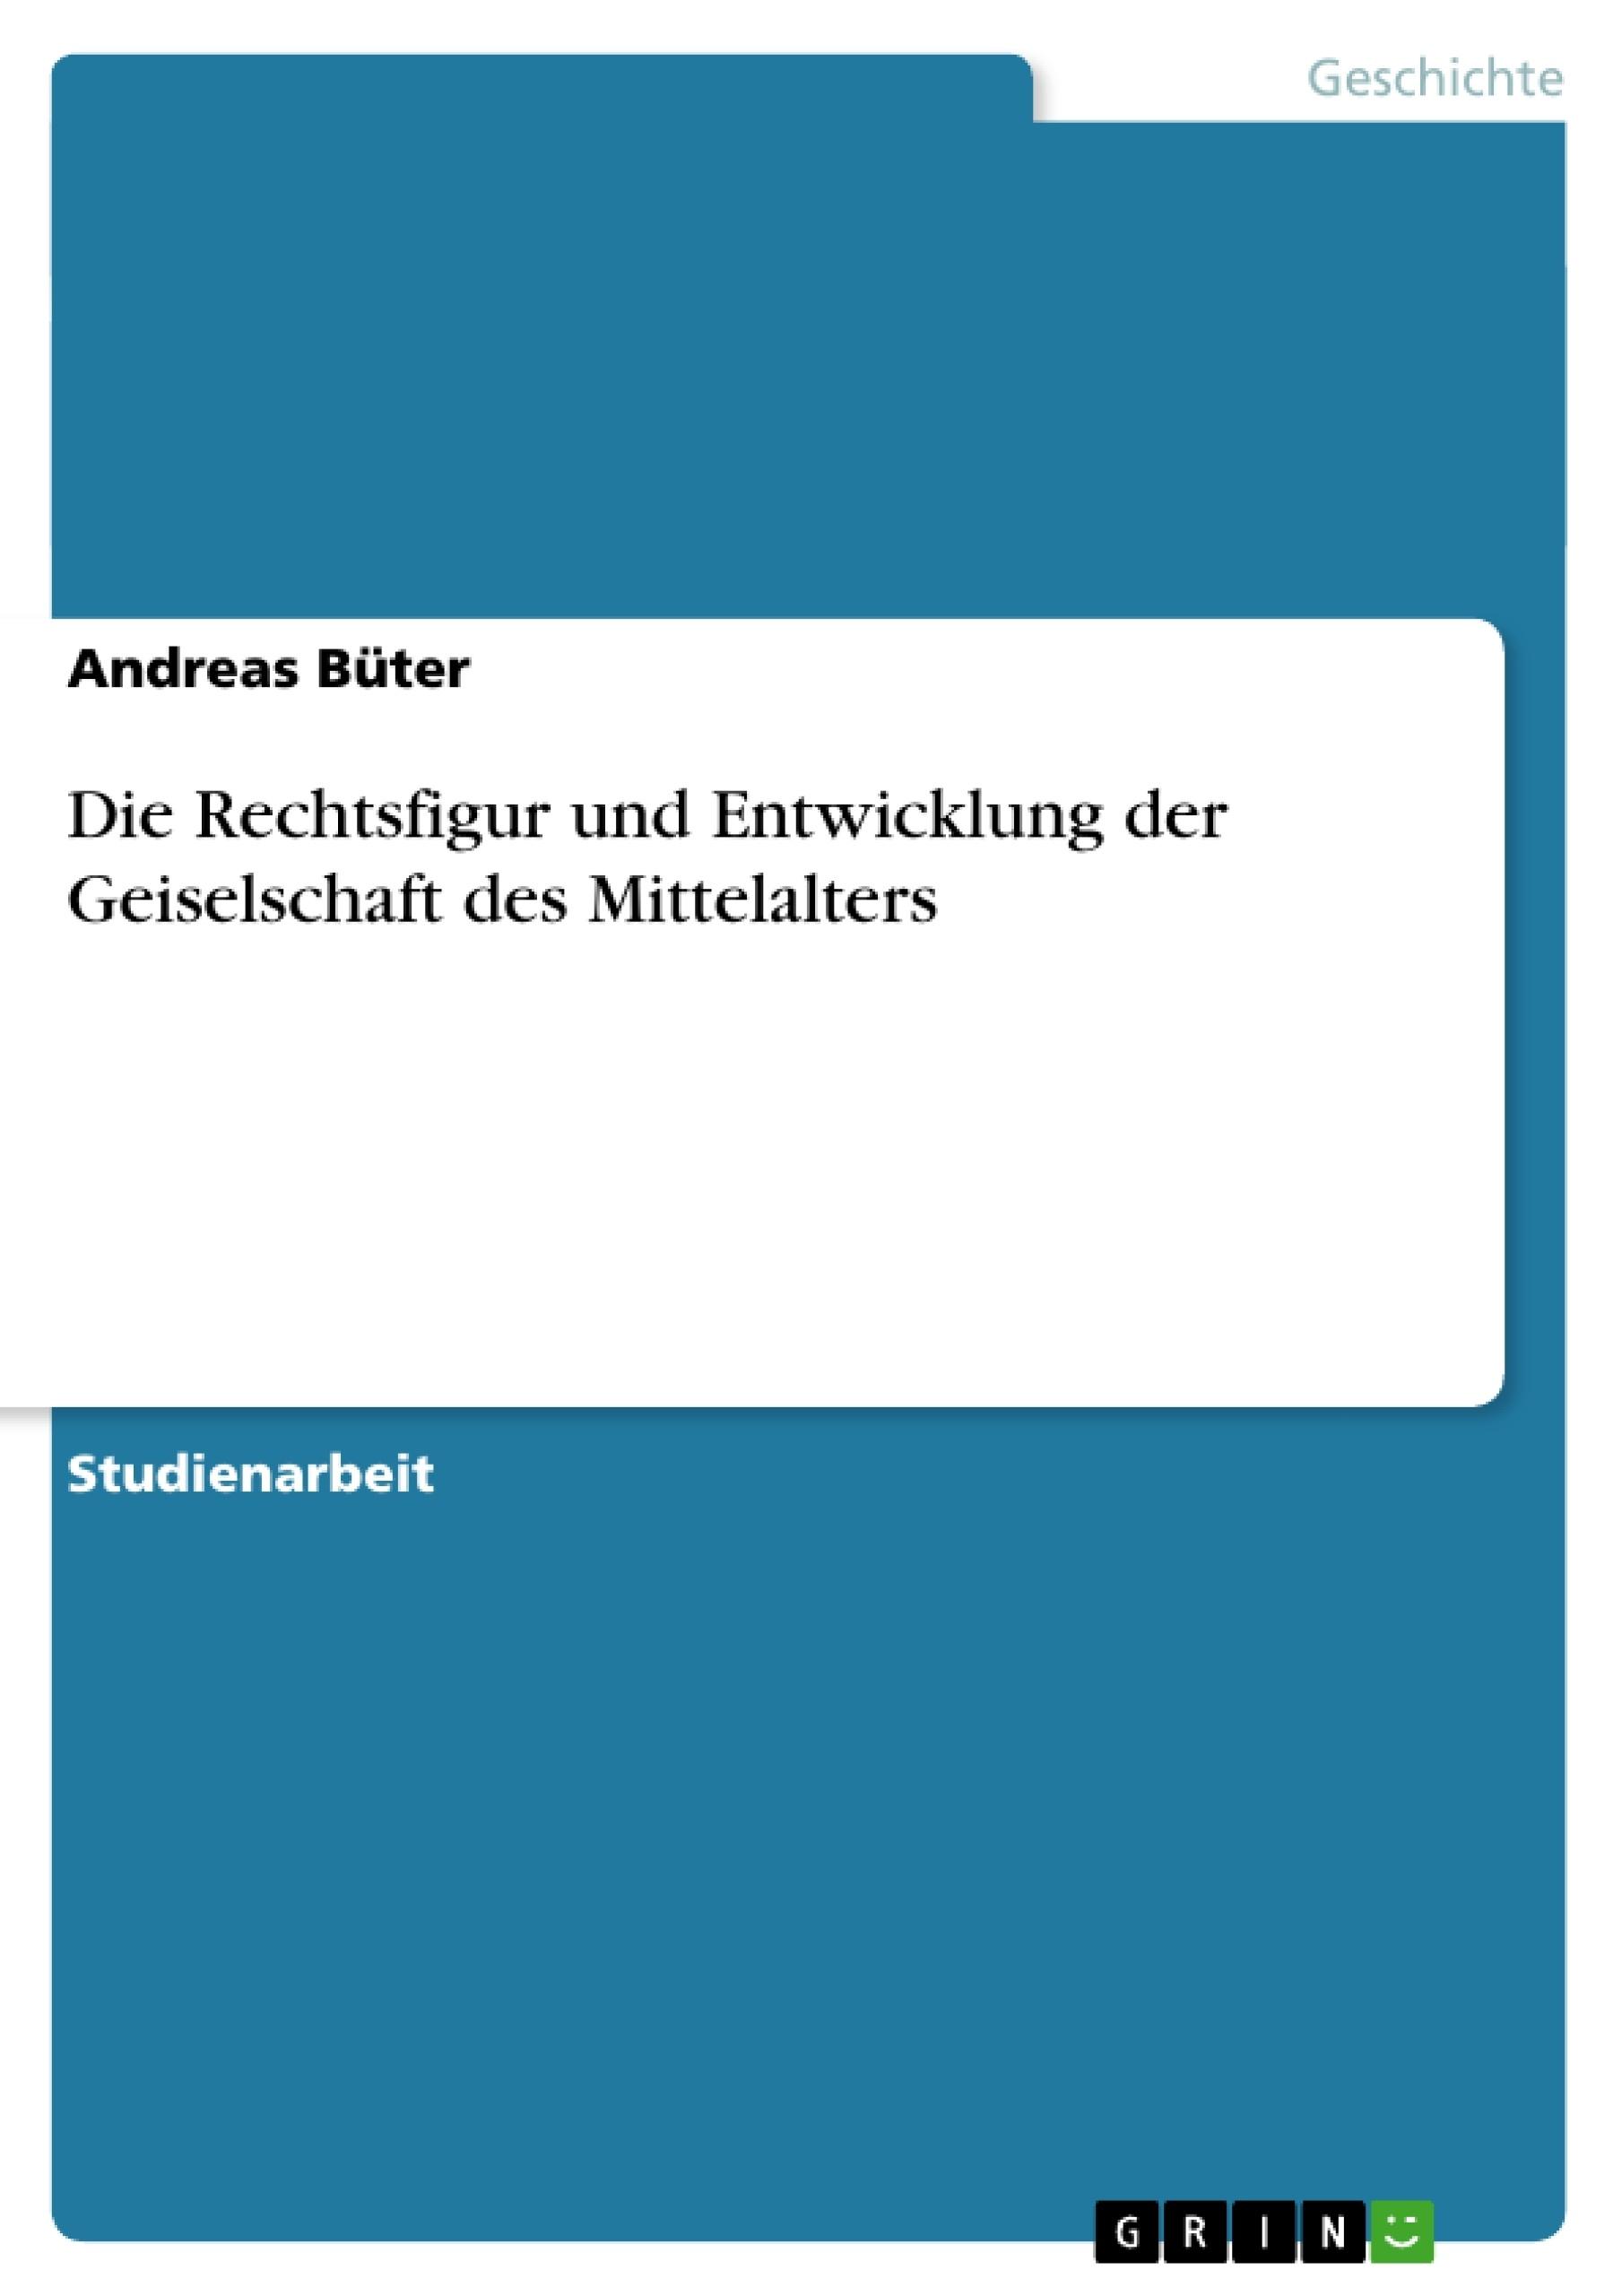 Titel: Die Rechtsfigur und Entwicklung der Geiselschaft des Mittelalters